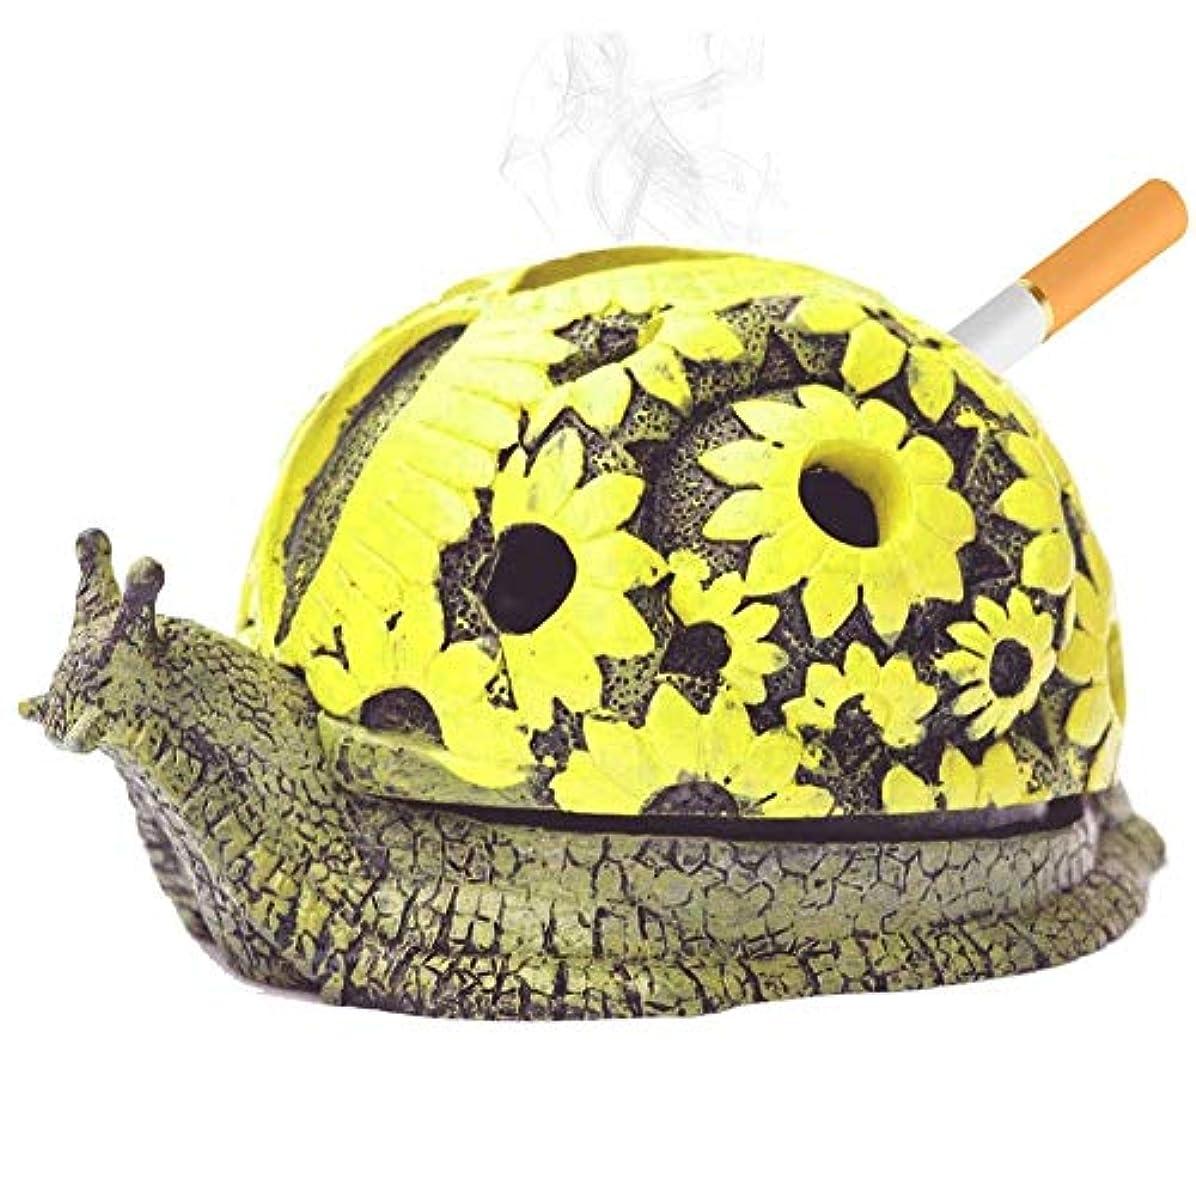 クロールハイライト避けられない家族や友人のための屋内と屋外のホームオフィスデコレーションクリエイティブギフト(かたつむり)用フタ樹脂灰ホルダーとタバコ屋外灰皿用Rabbitroom灰皿